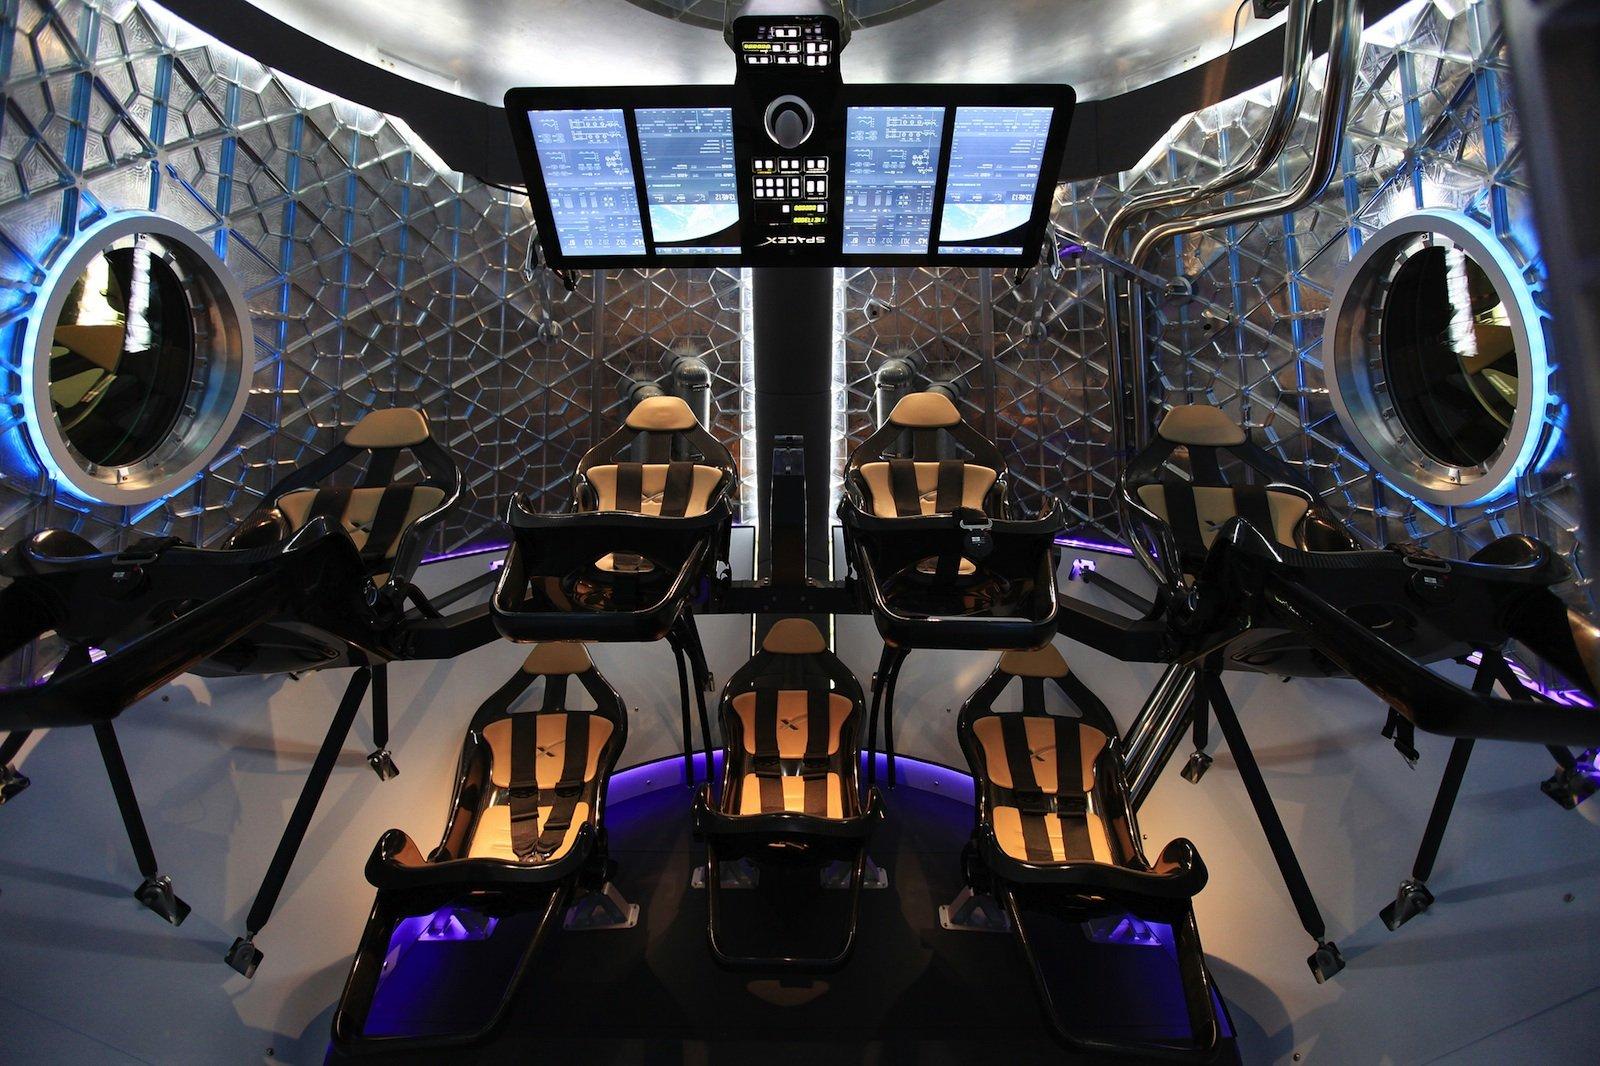 So sieht der Innenraum der Dragon Crew aus.